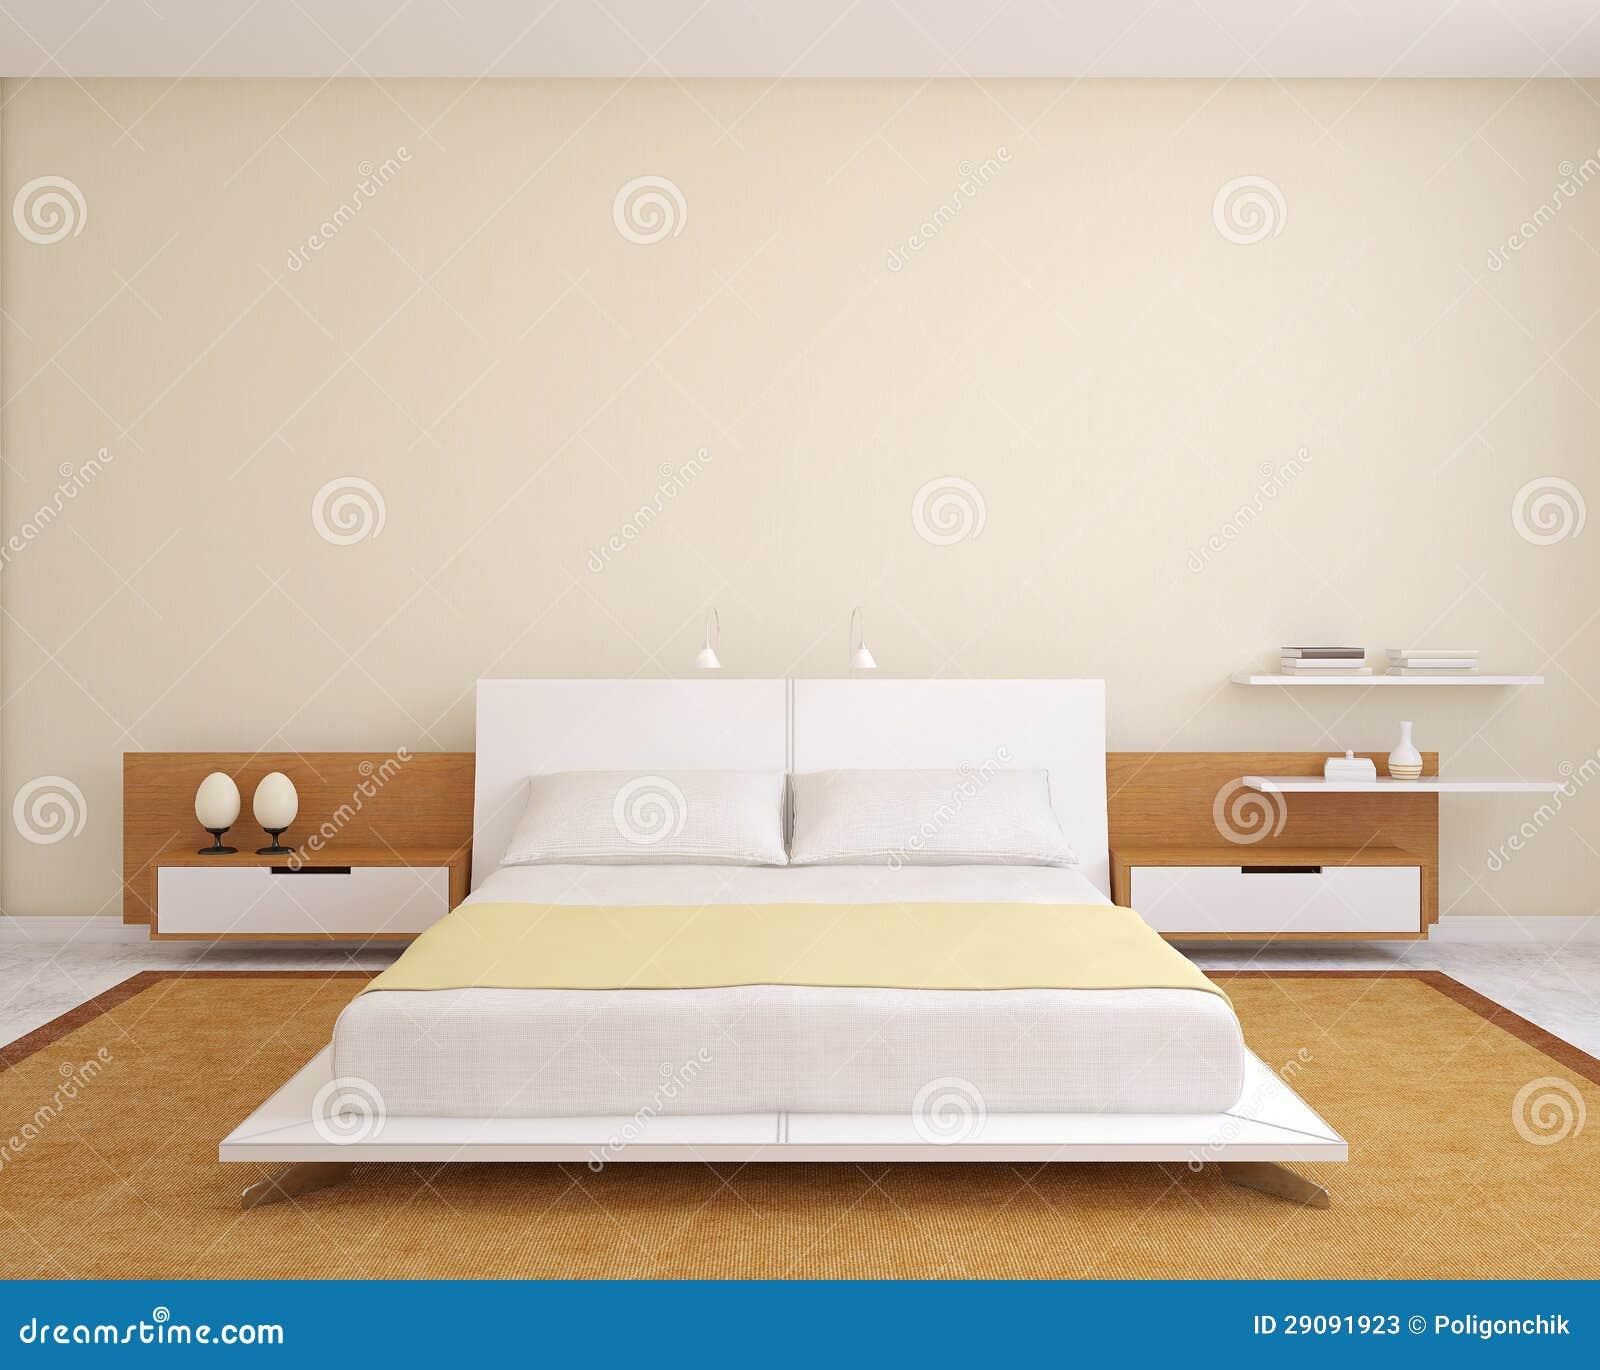 Σύγχρονη κρεβατοκάμαρα.